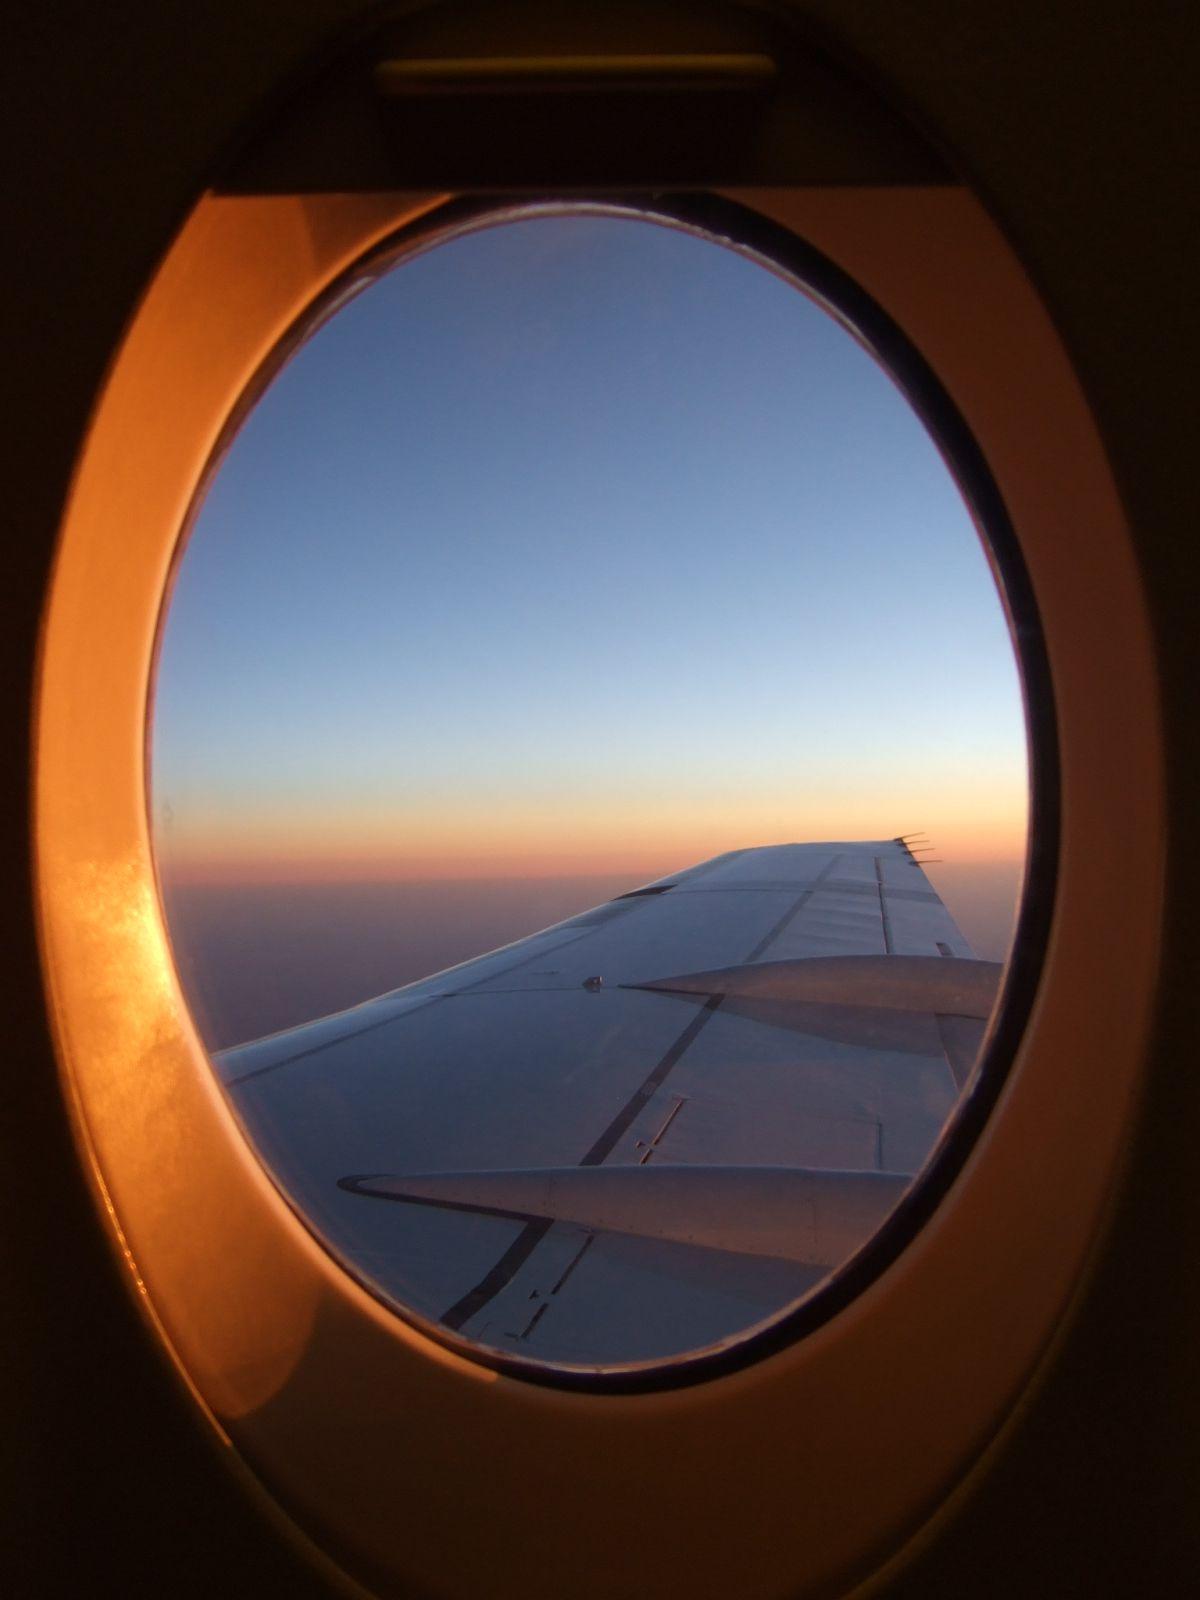 vue de l u0026 39 avion avion hublot orange bleu ciel soleil